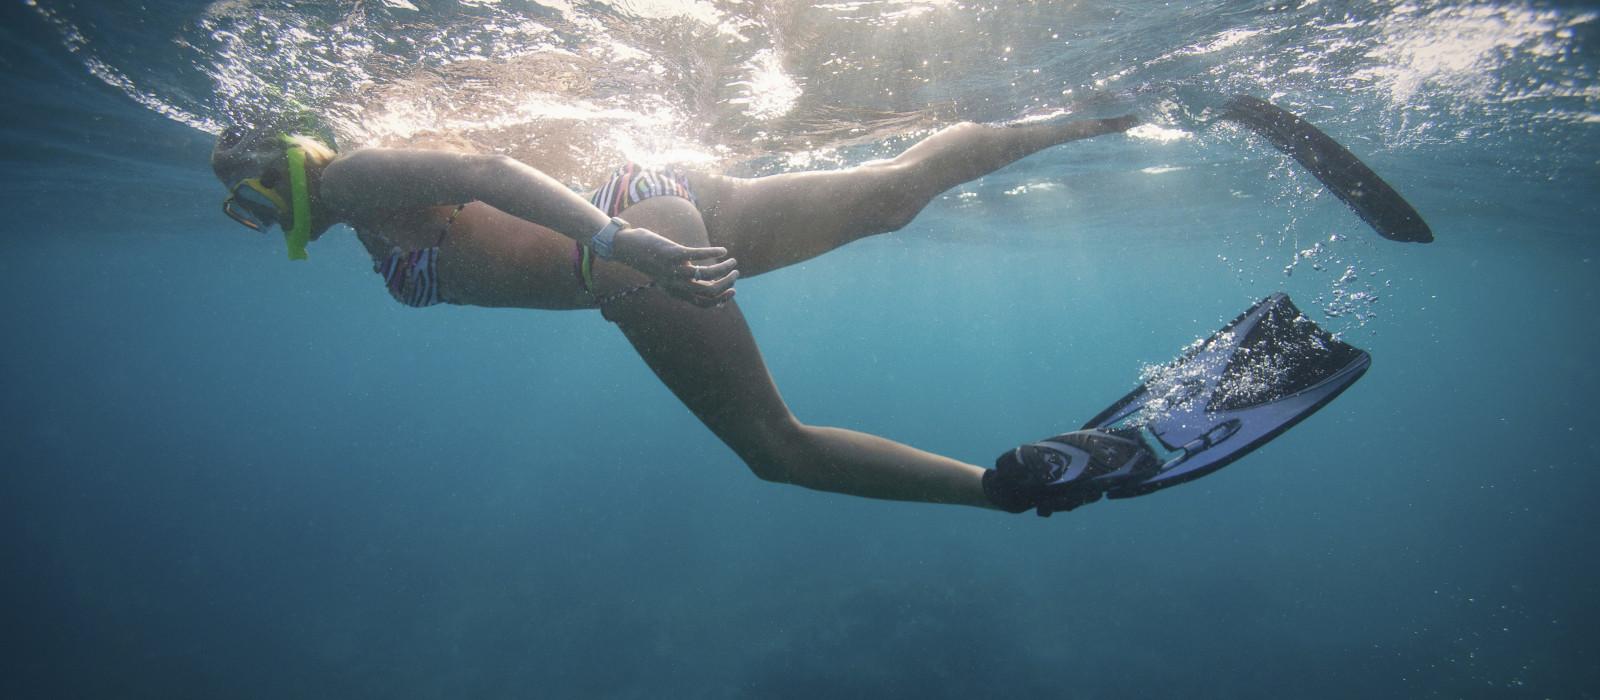 Les meilleurs spots de snorkeling en Méditerranée